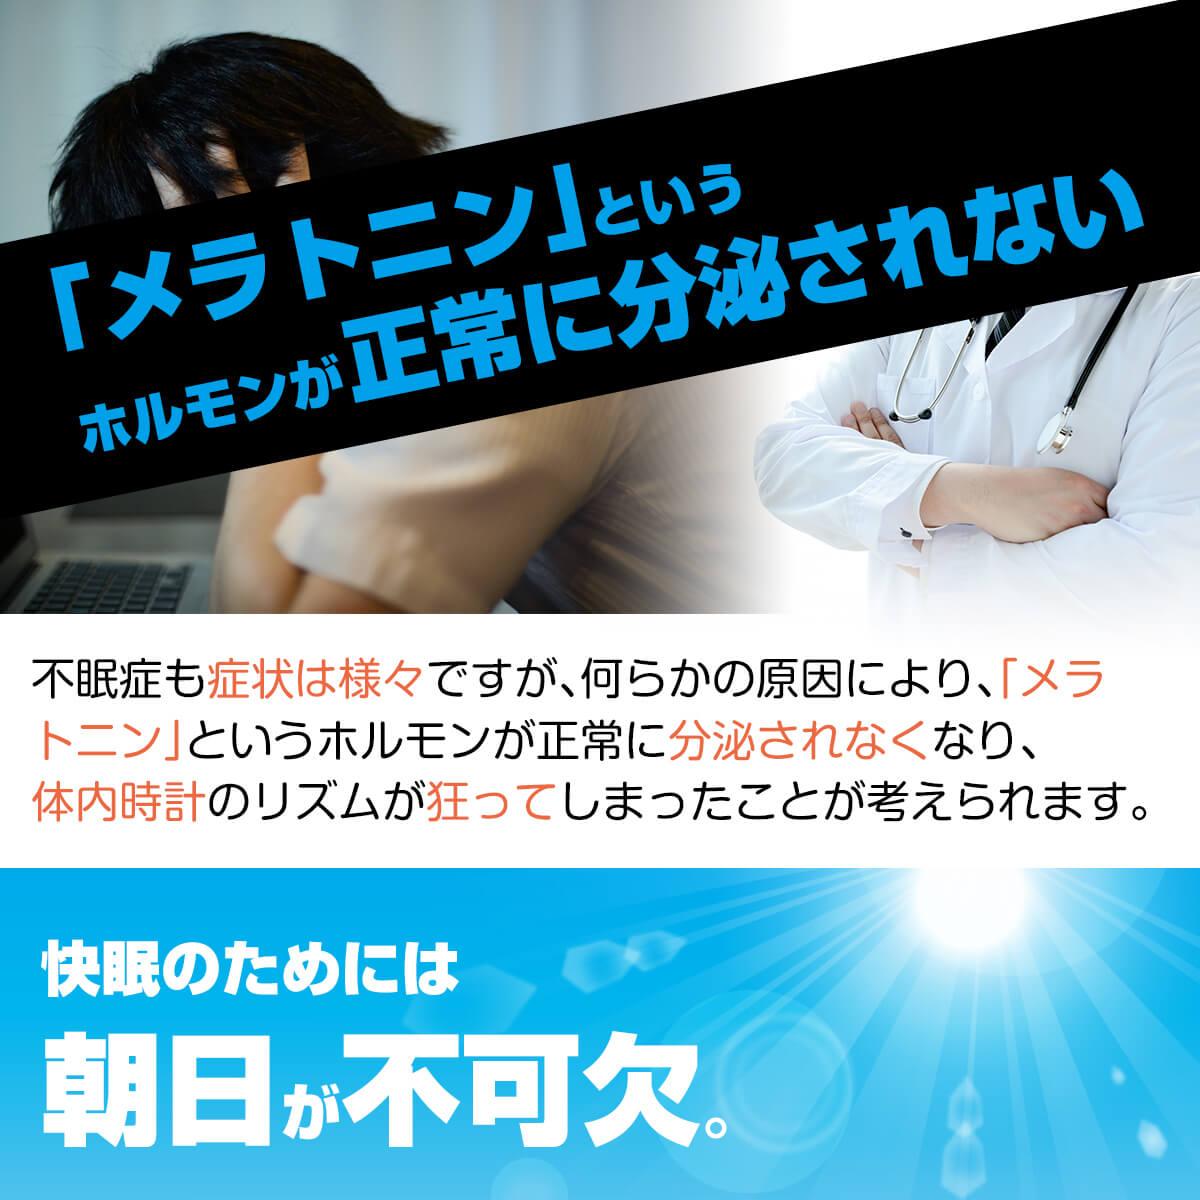 不眠 グッデイライト 不眠症 睡眠 トリプトファン セロトニン メラトニン 10000 光治療器 日光浴 ルクス ケルビン 光療法